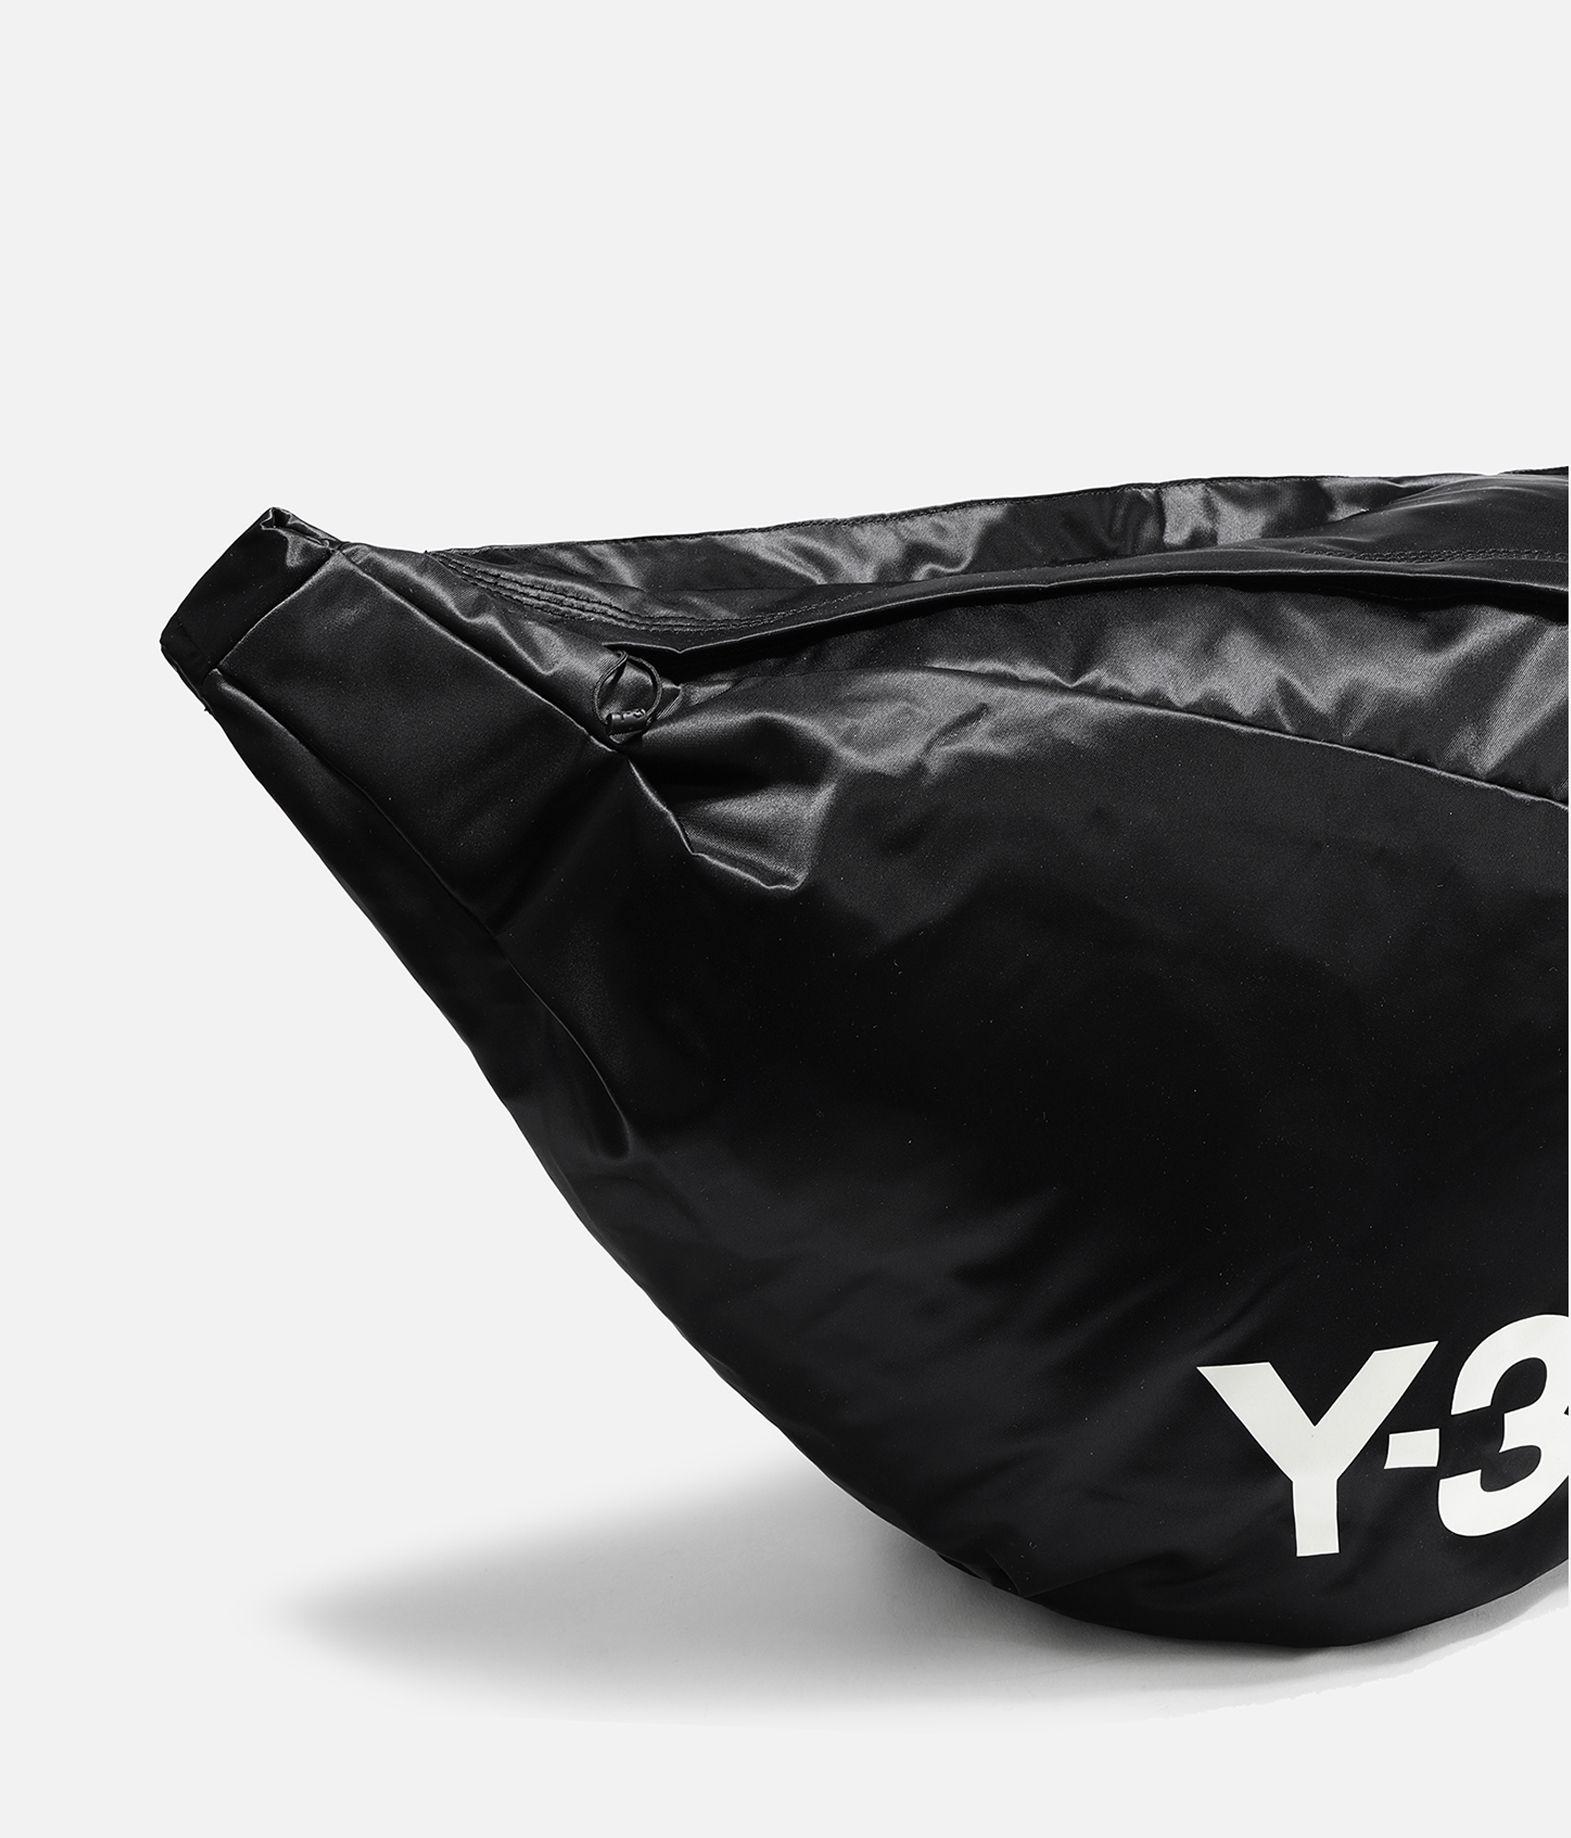 Y-3 Y-3 Sneaker Bag Handbag E a